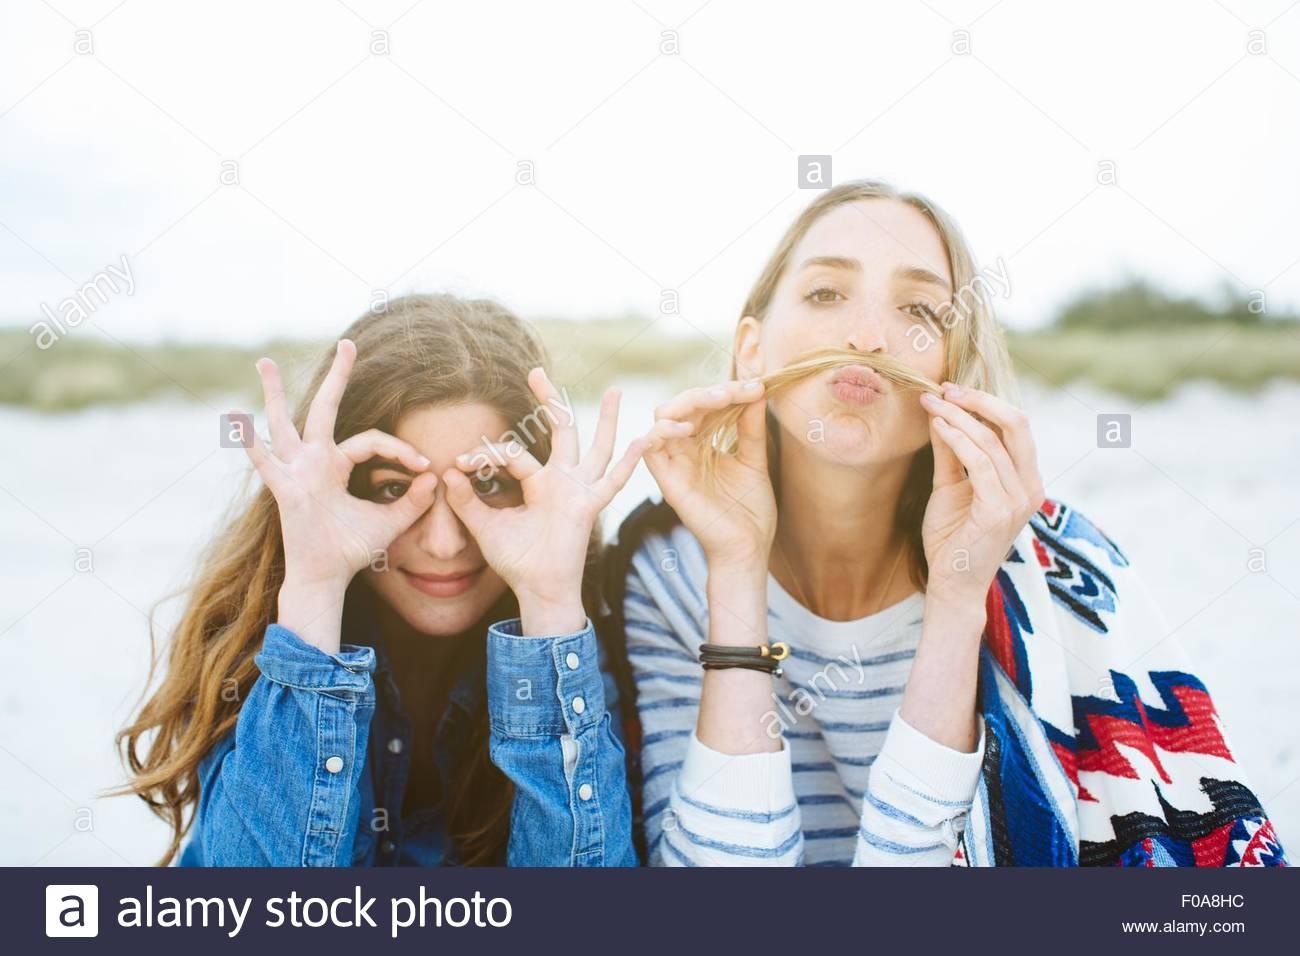 Porträt von zwei jungen Freundinnen machen Schnurrbart und brillentragende Gesichter am Strand Stockbild